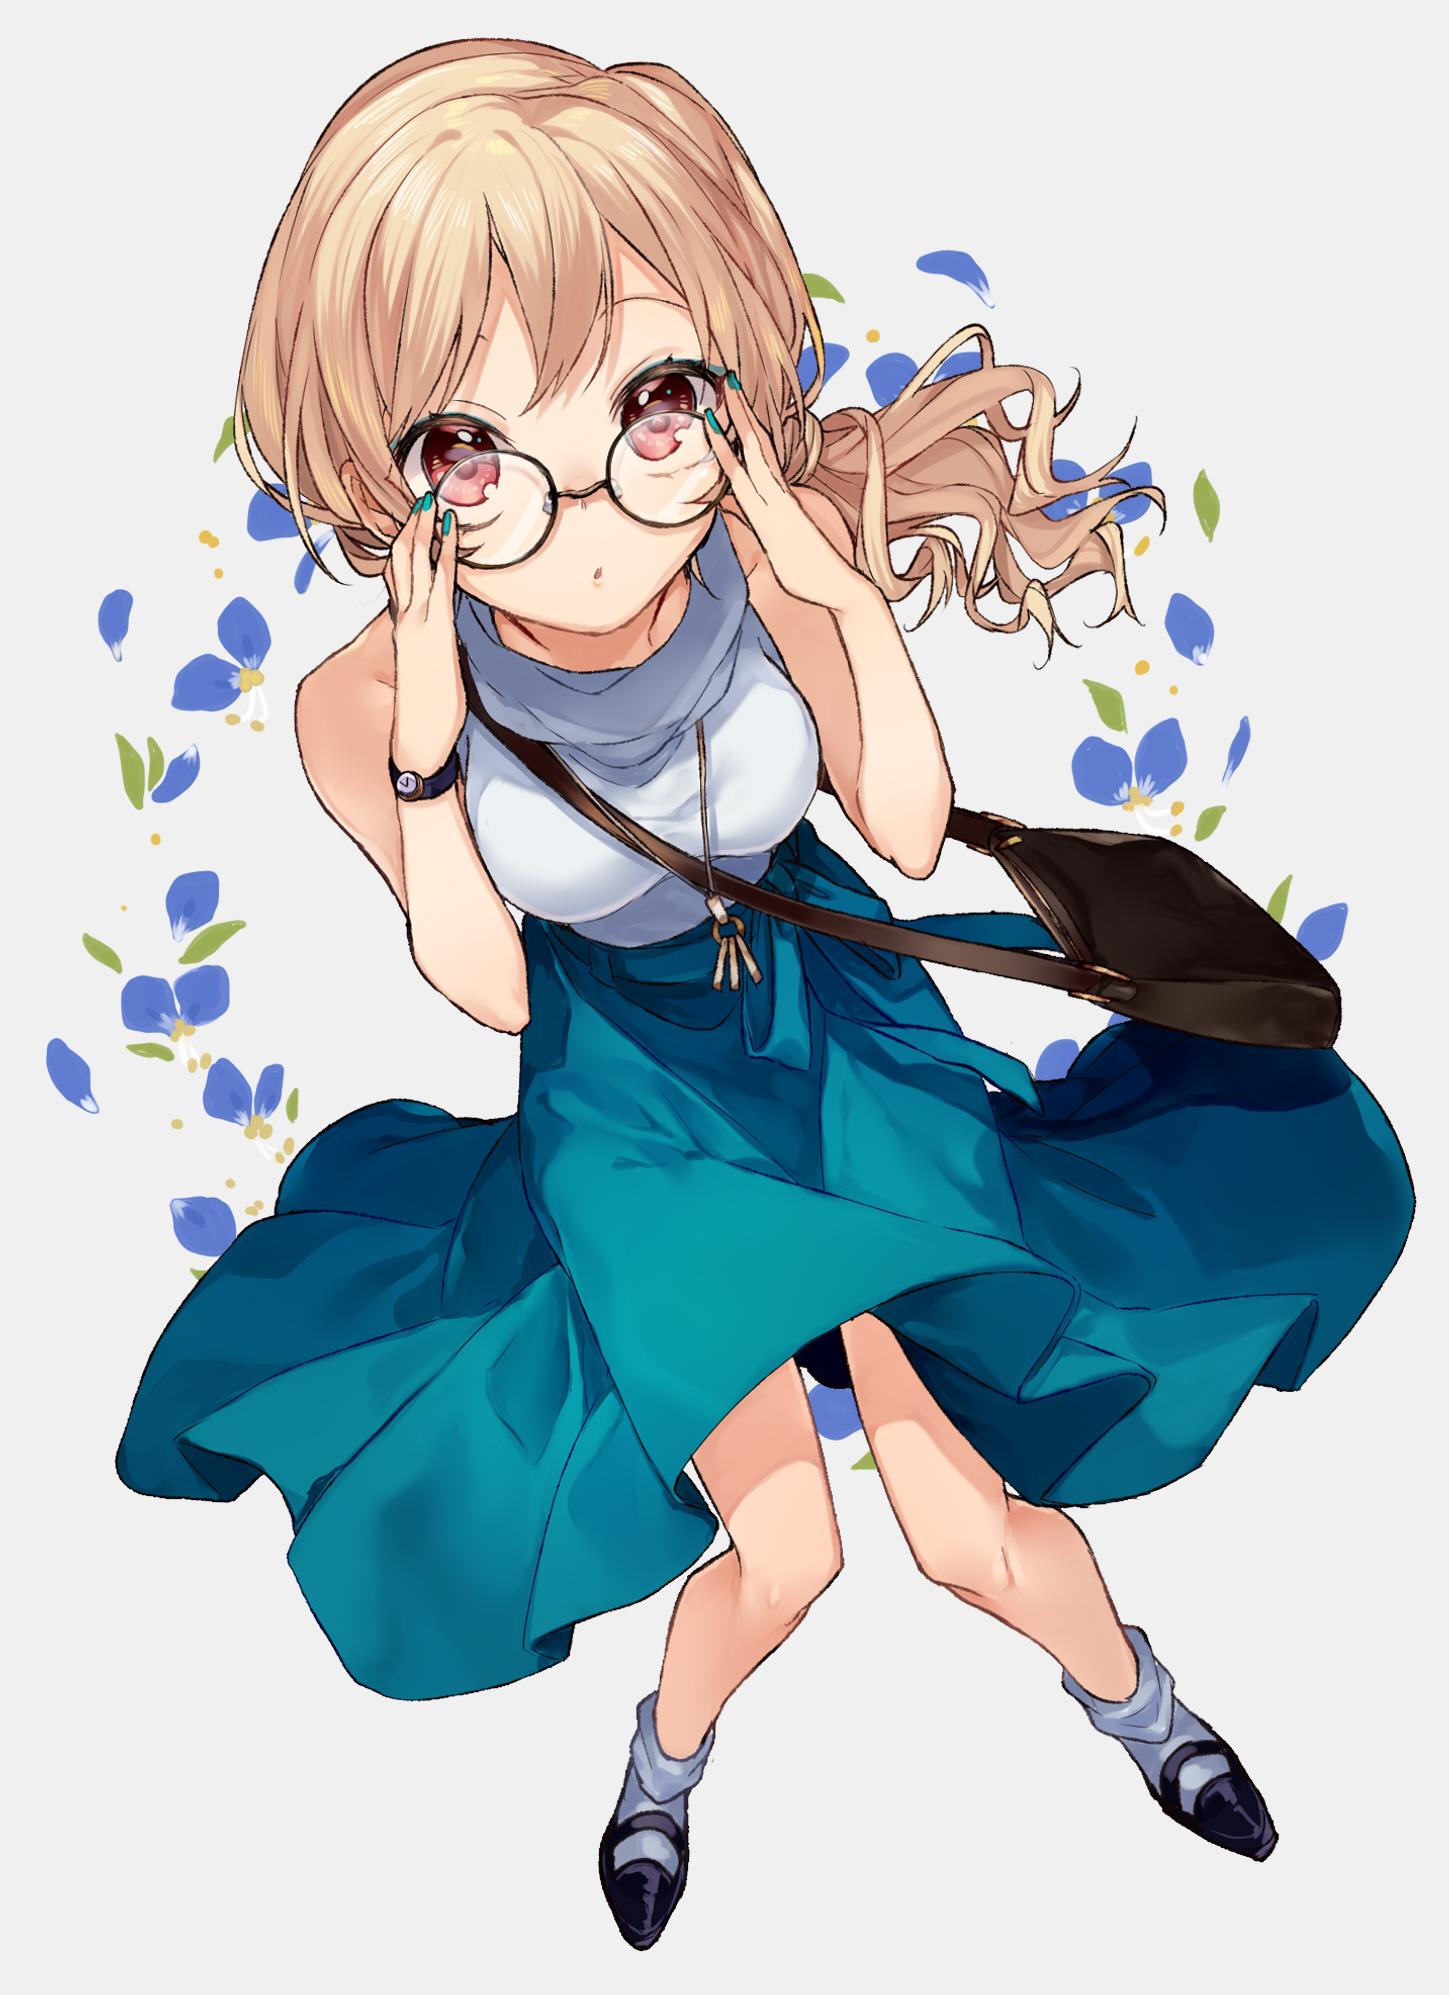 id=65332968,眼镜娘本子,动漫眼睛娘,圆框眼镜图片